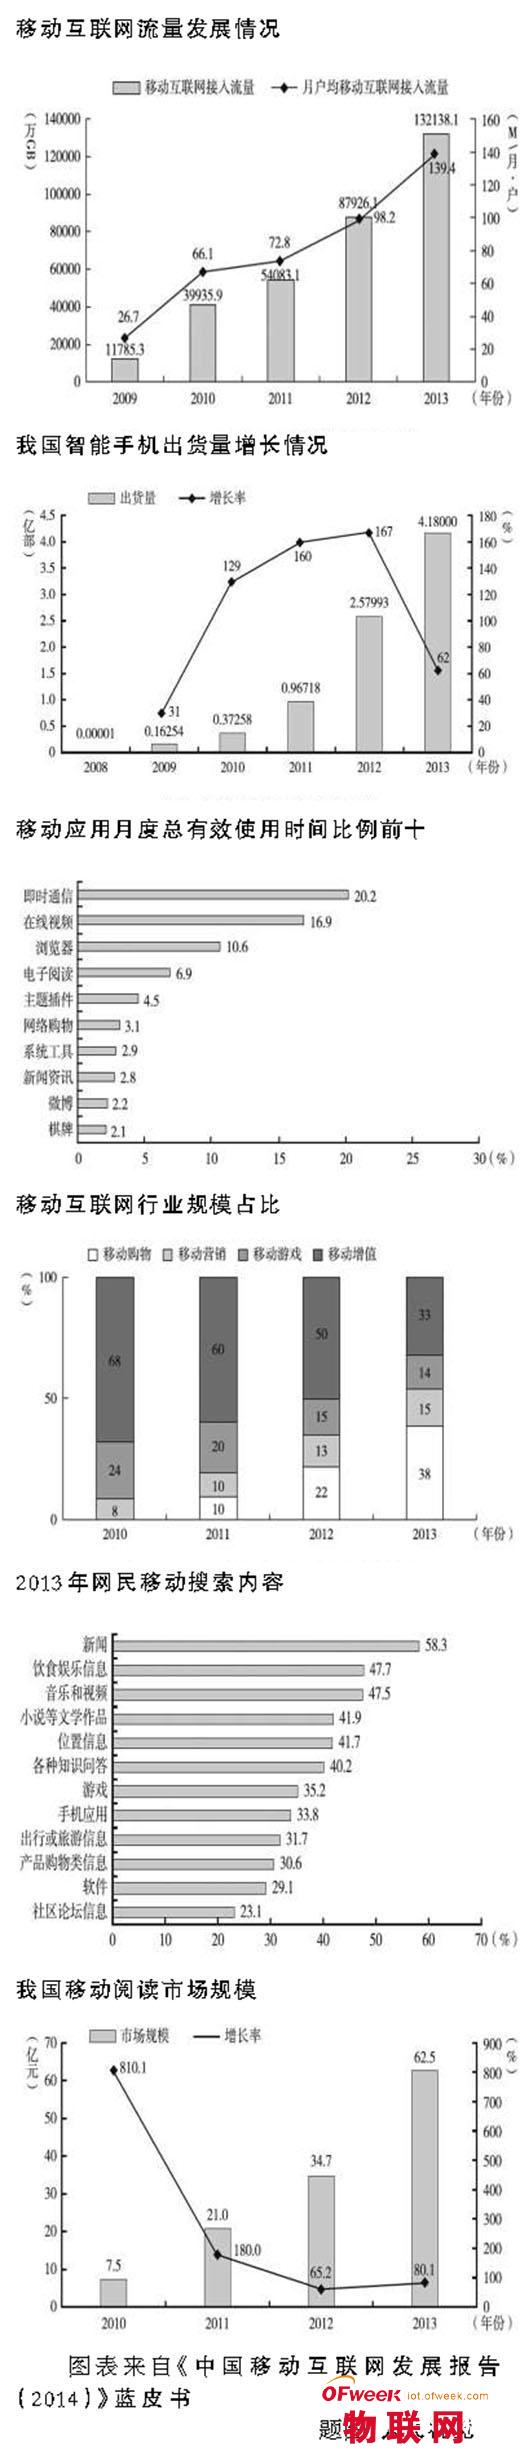 《中国移动互联网发展报告(2014)》发布